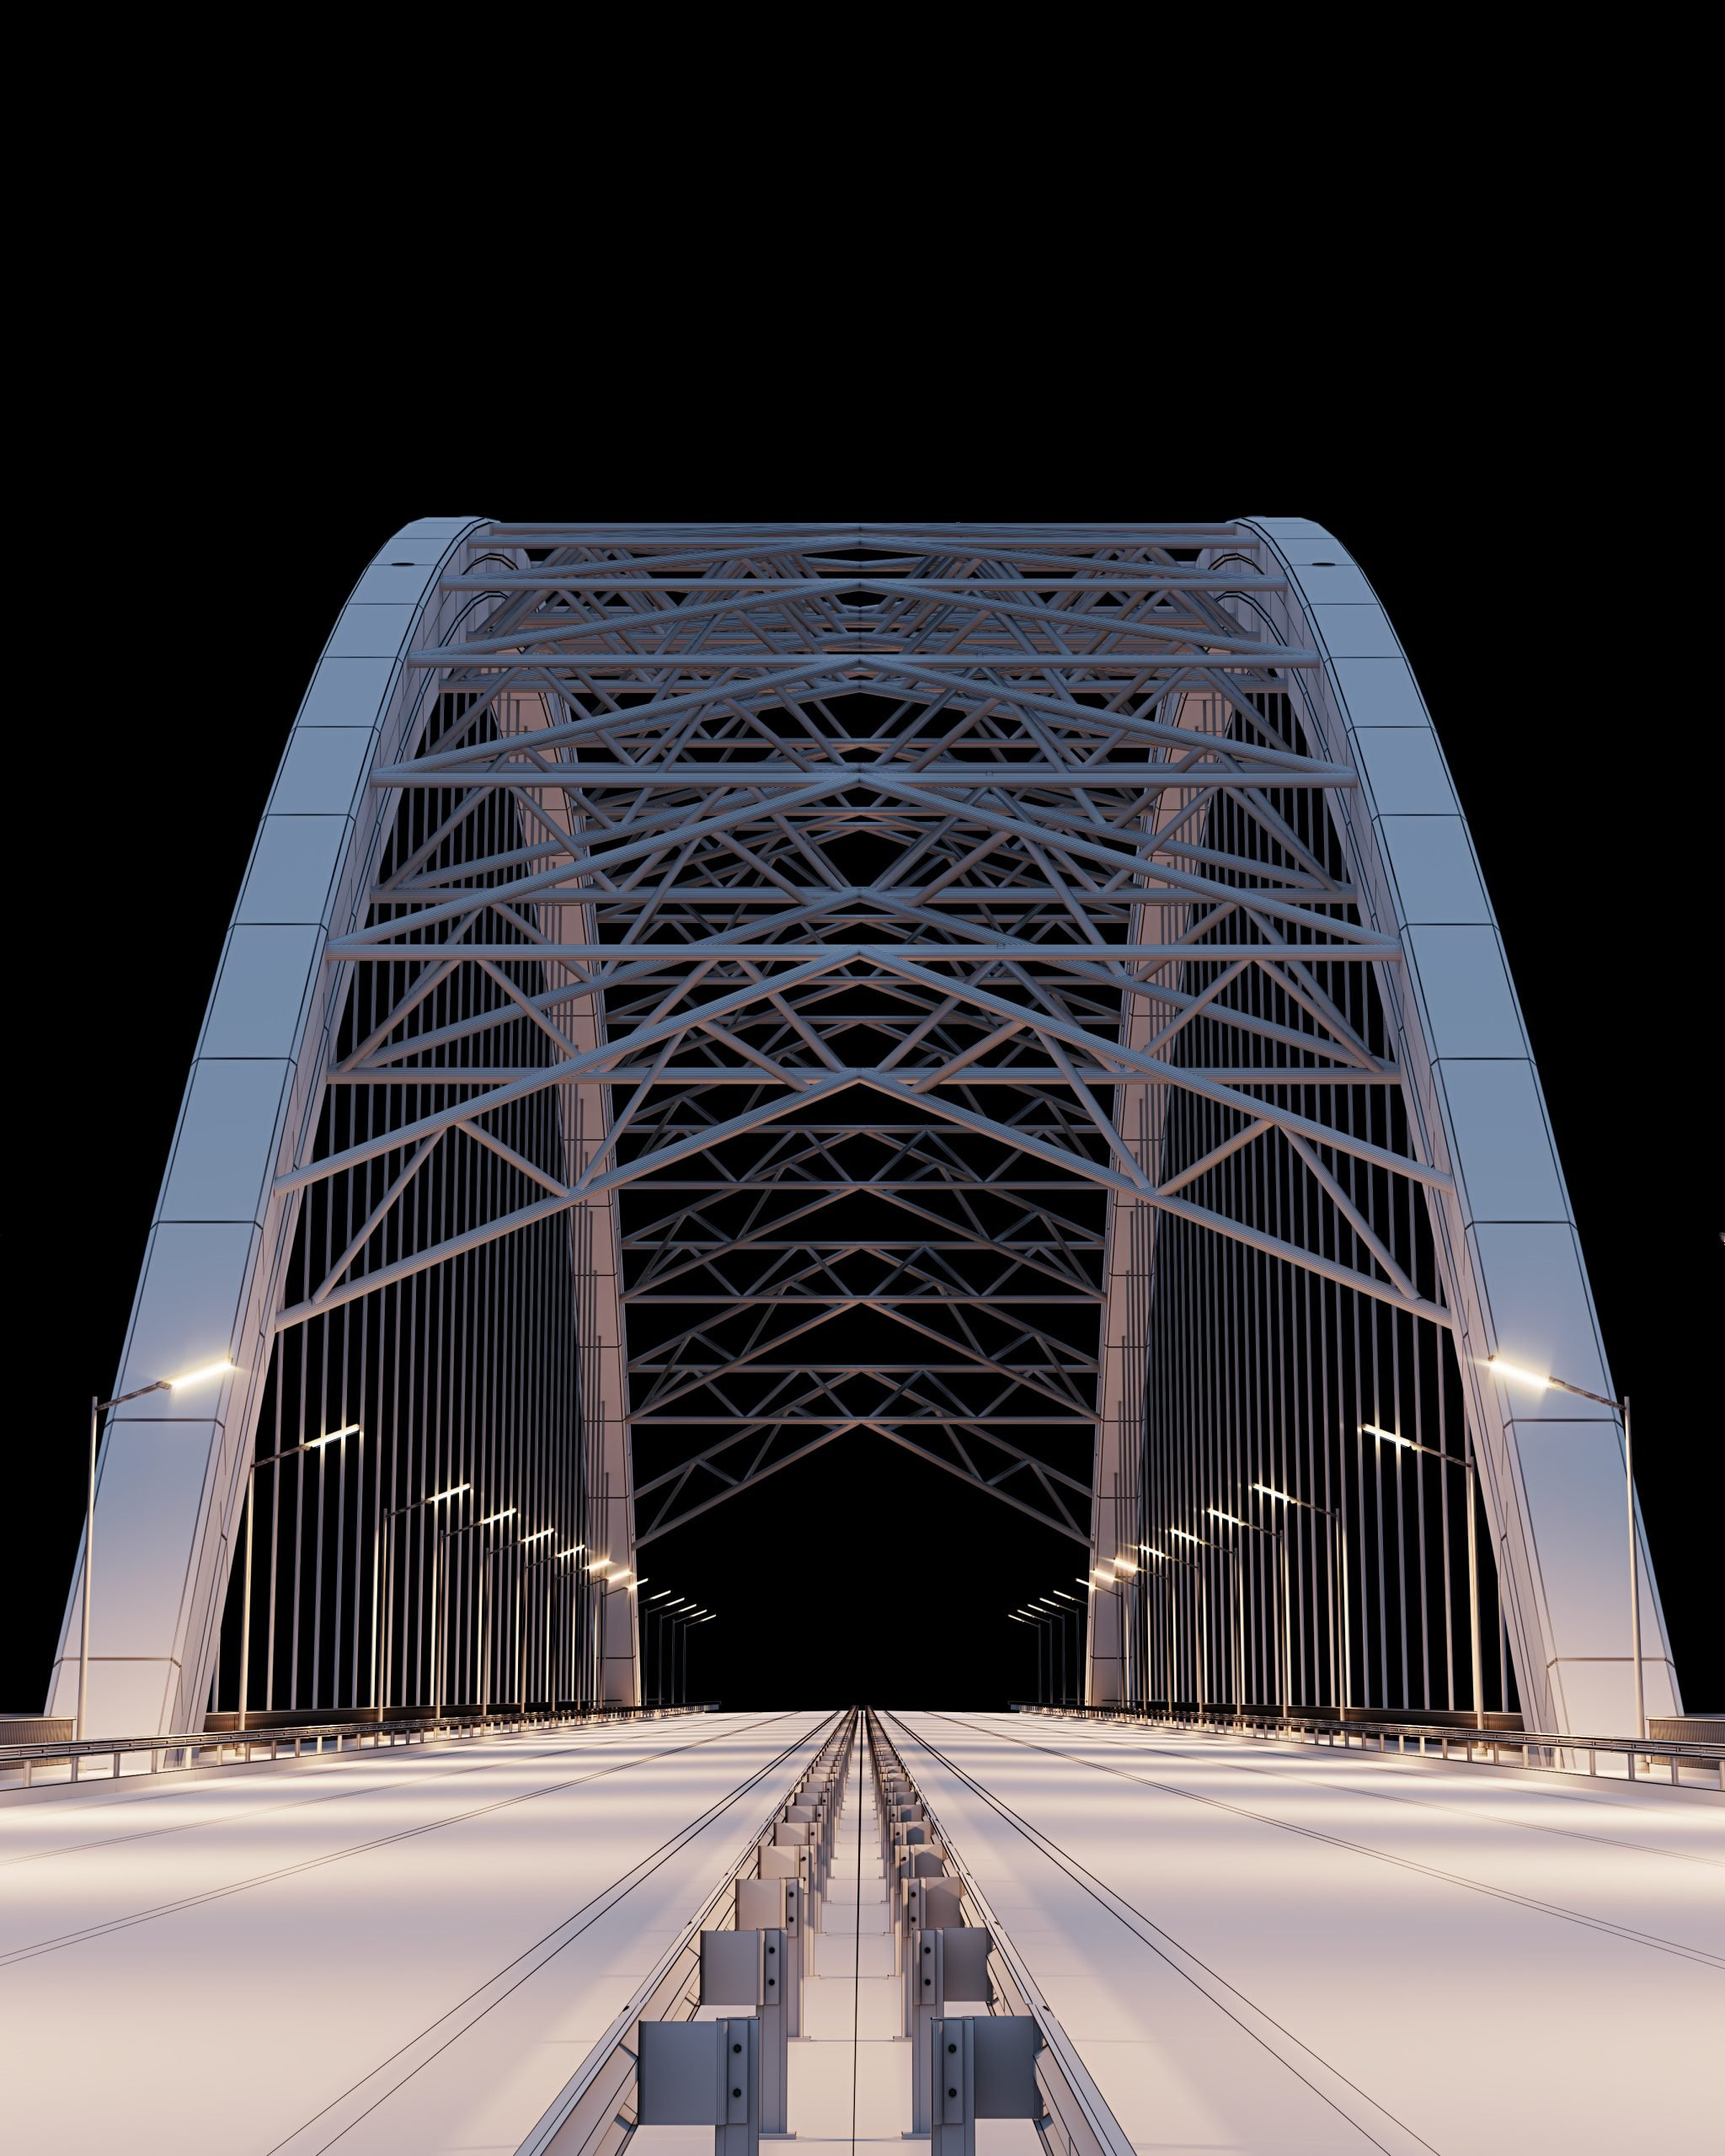 3D Model of a a Ukrainian Bridge